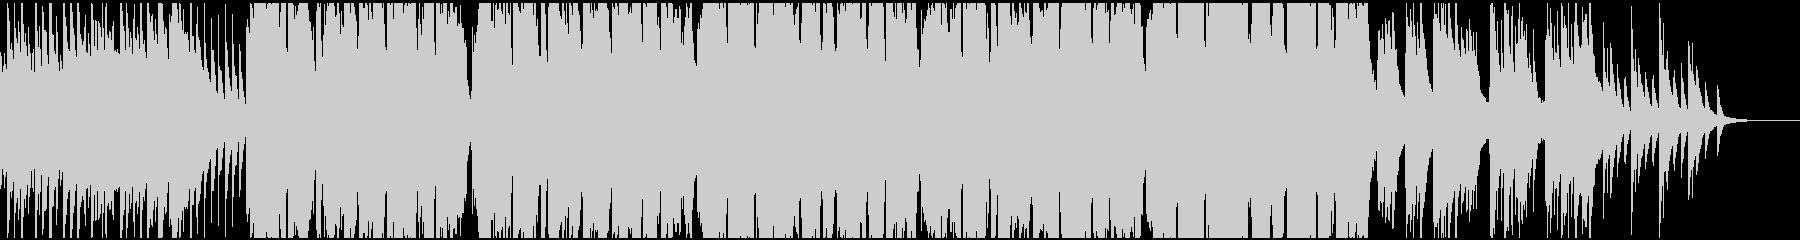 100年前の伝説のケルト曲カバーの未再生の波形